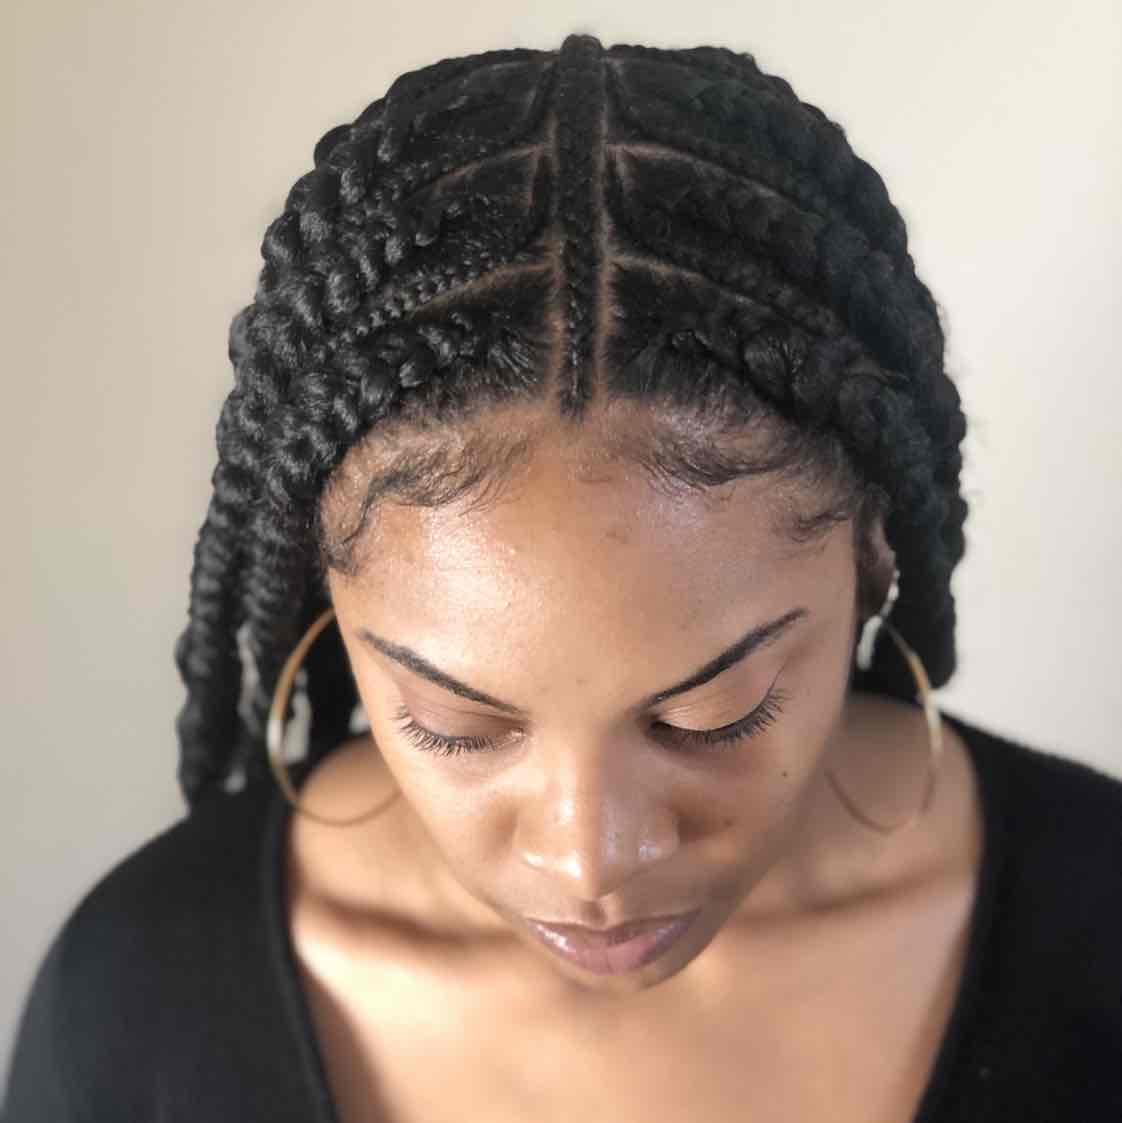 salon de coiffure afro tresse tresses box braids crochet braids vanilles tissages paris 75 77 78 91 92 93 94 95 EHRNZKWC